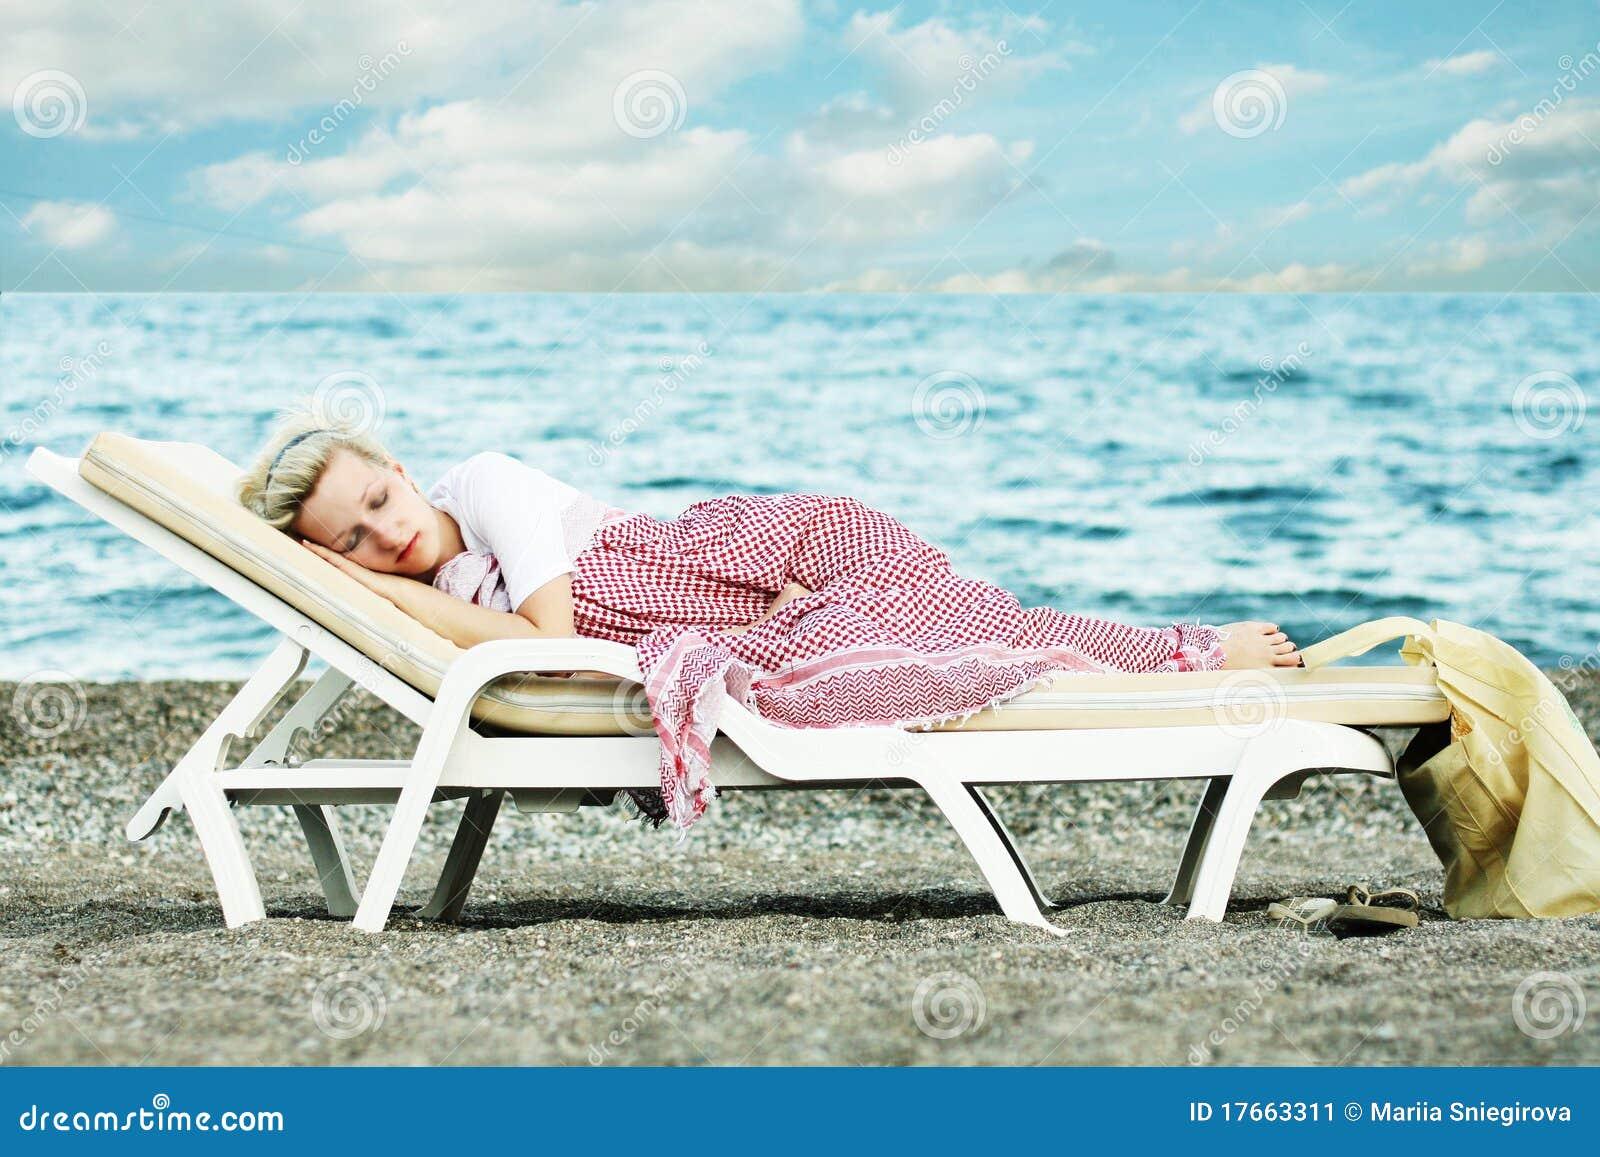 Sueño de la mujer en la playa